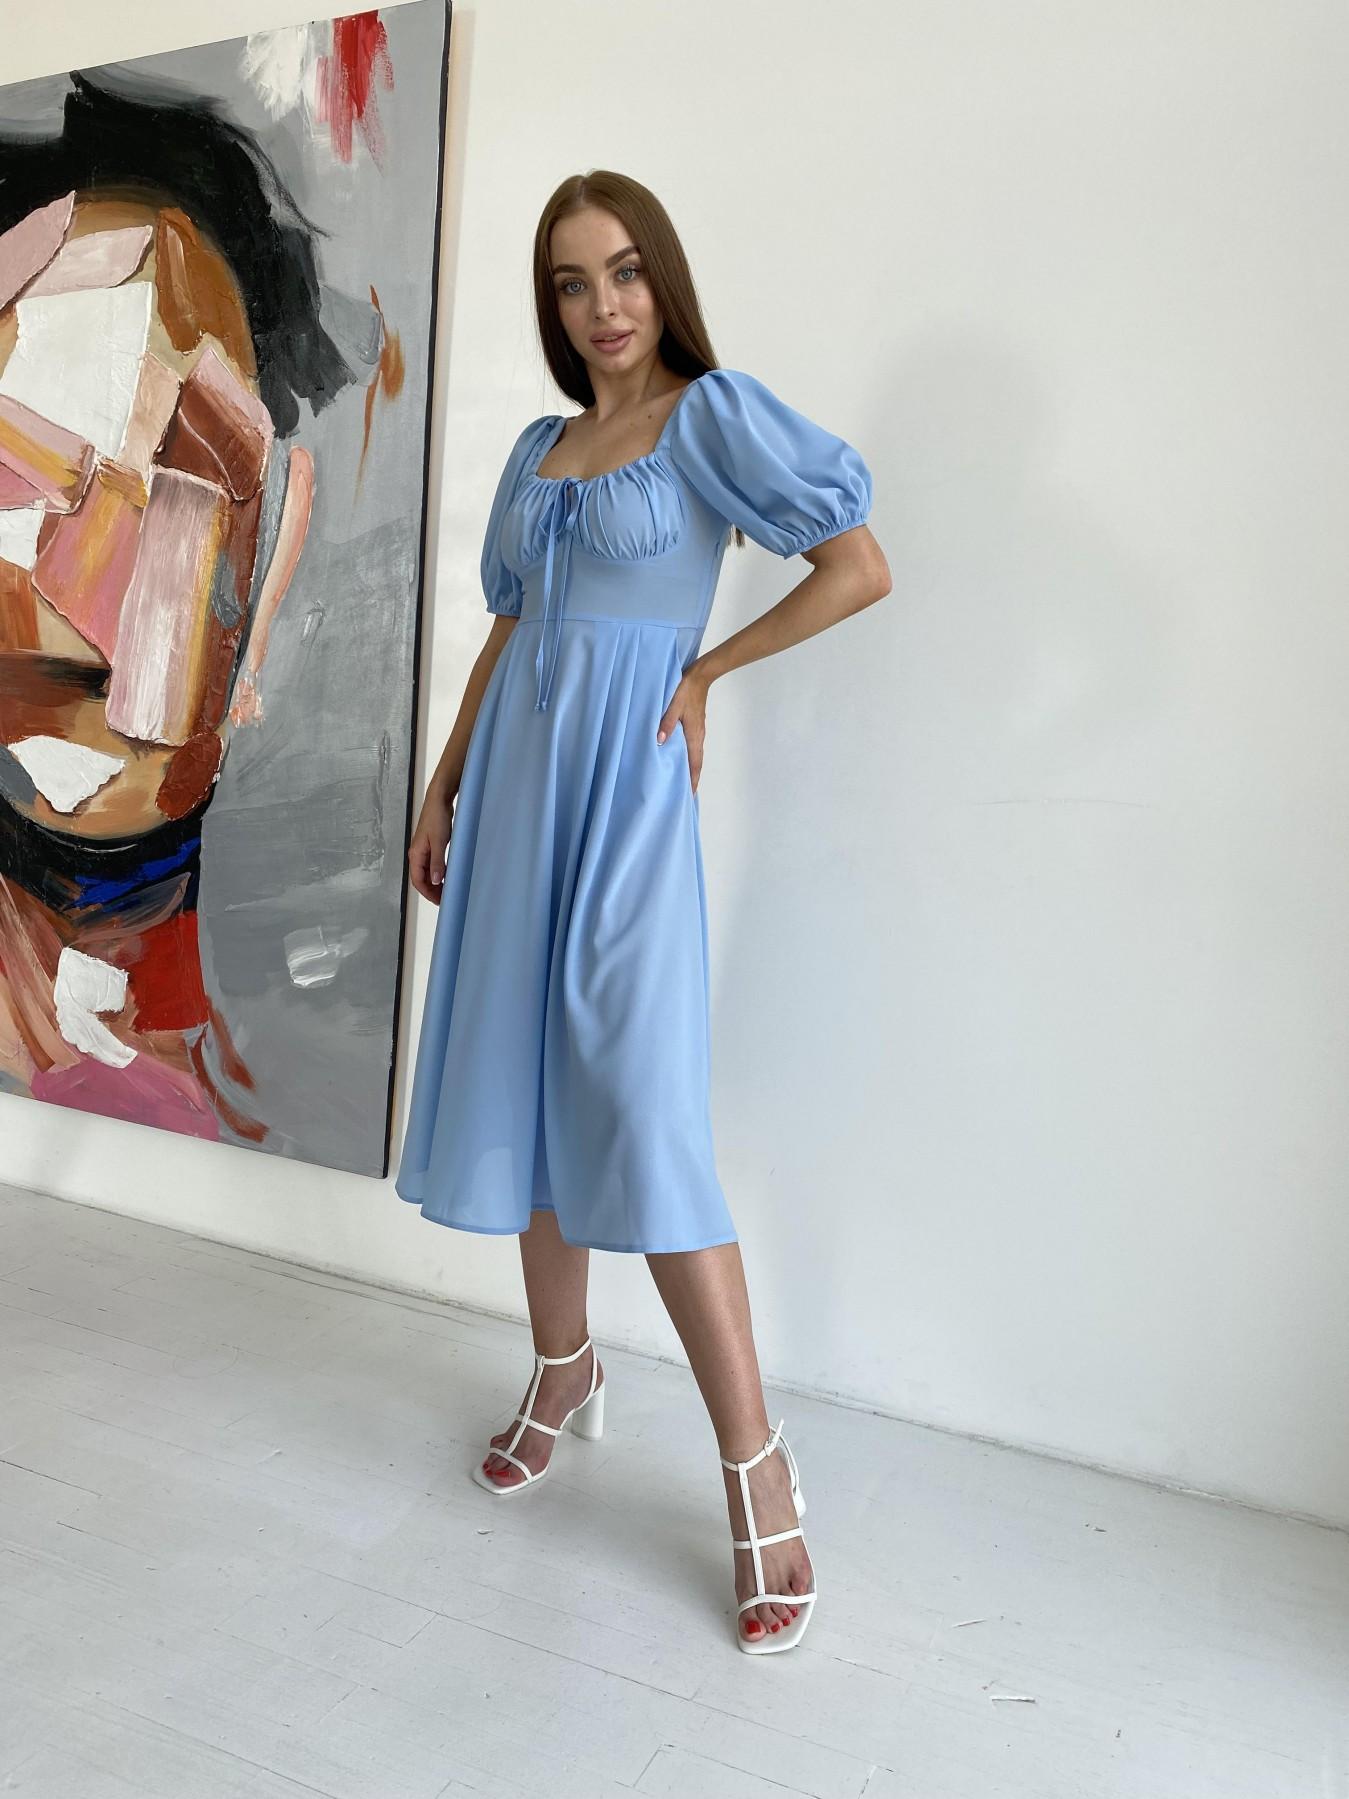 Кисес Миди платье из шифона креп 11443 АРТ. 48206 Цвет: Голубой 18 - фото 4, интернет магазин tm-modus.ru